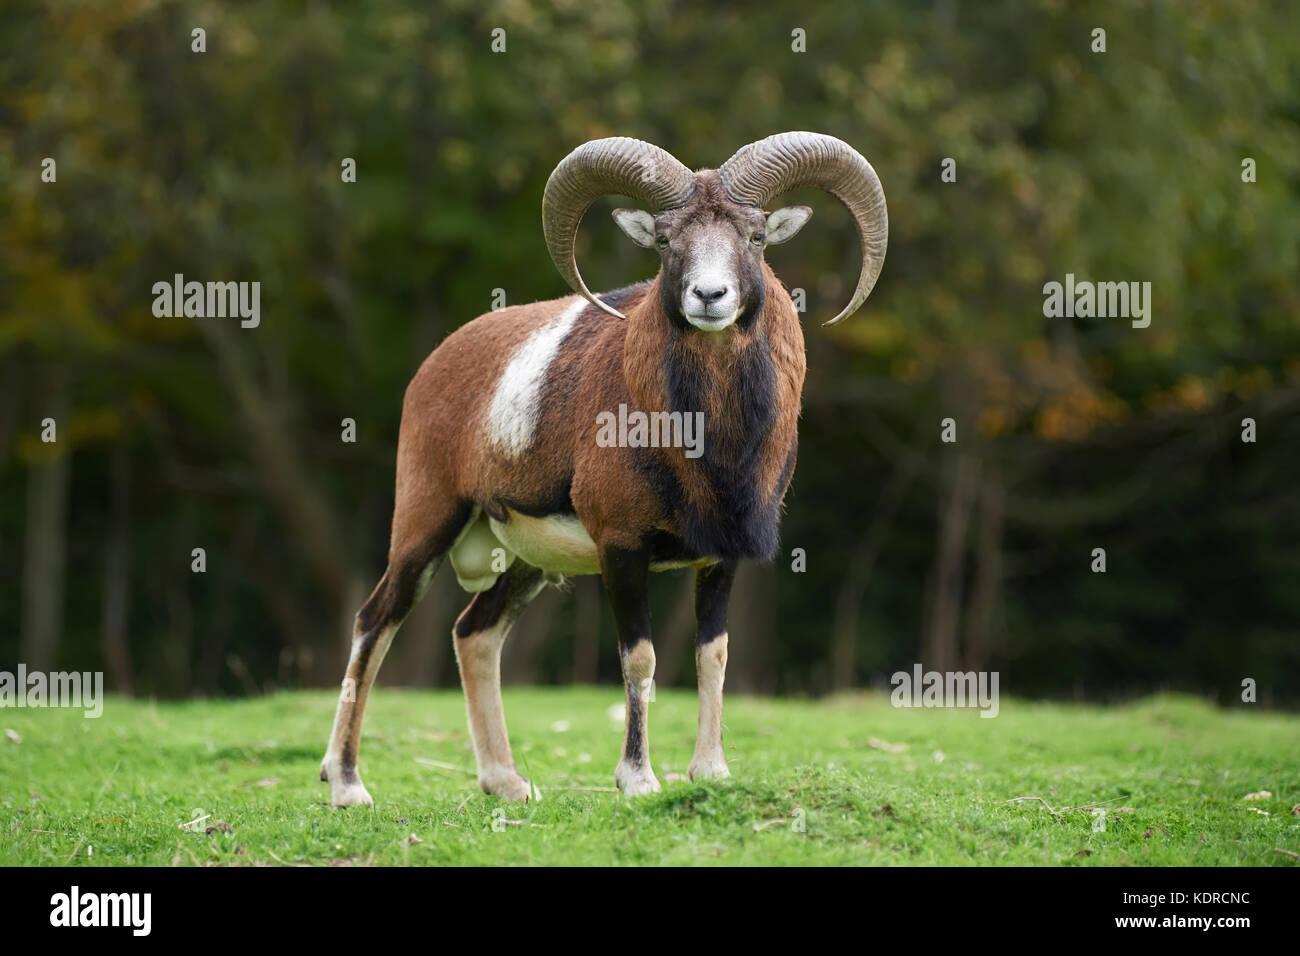 Gran unión musmón en el hábitat de la naturaleza Imagen De Stock